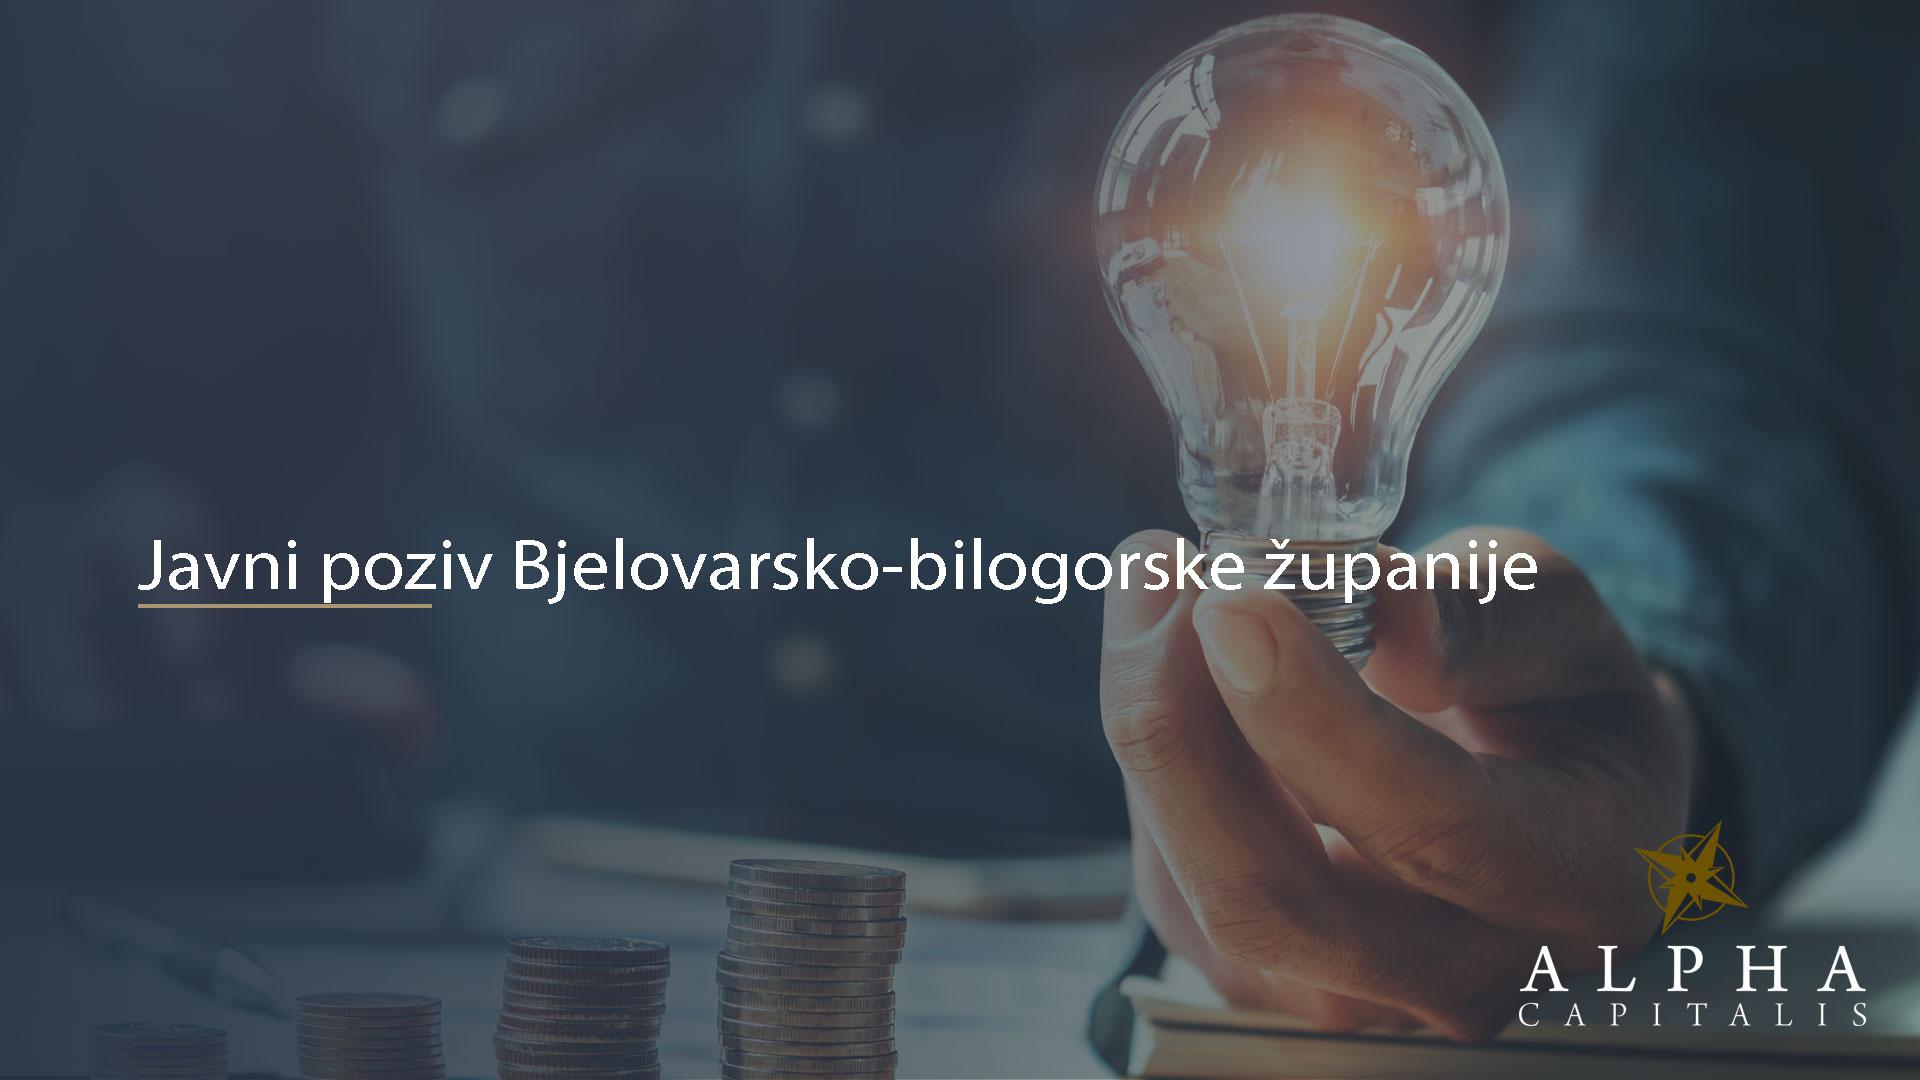 Alpha-capitalis-novosti-bespovratna-sredstva-bjelovarsko-bilogorska-zupanija